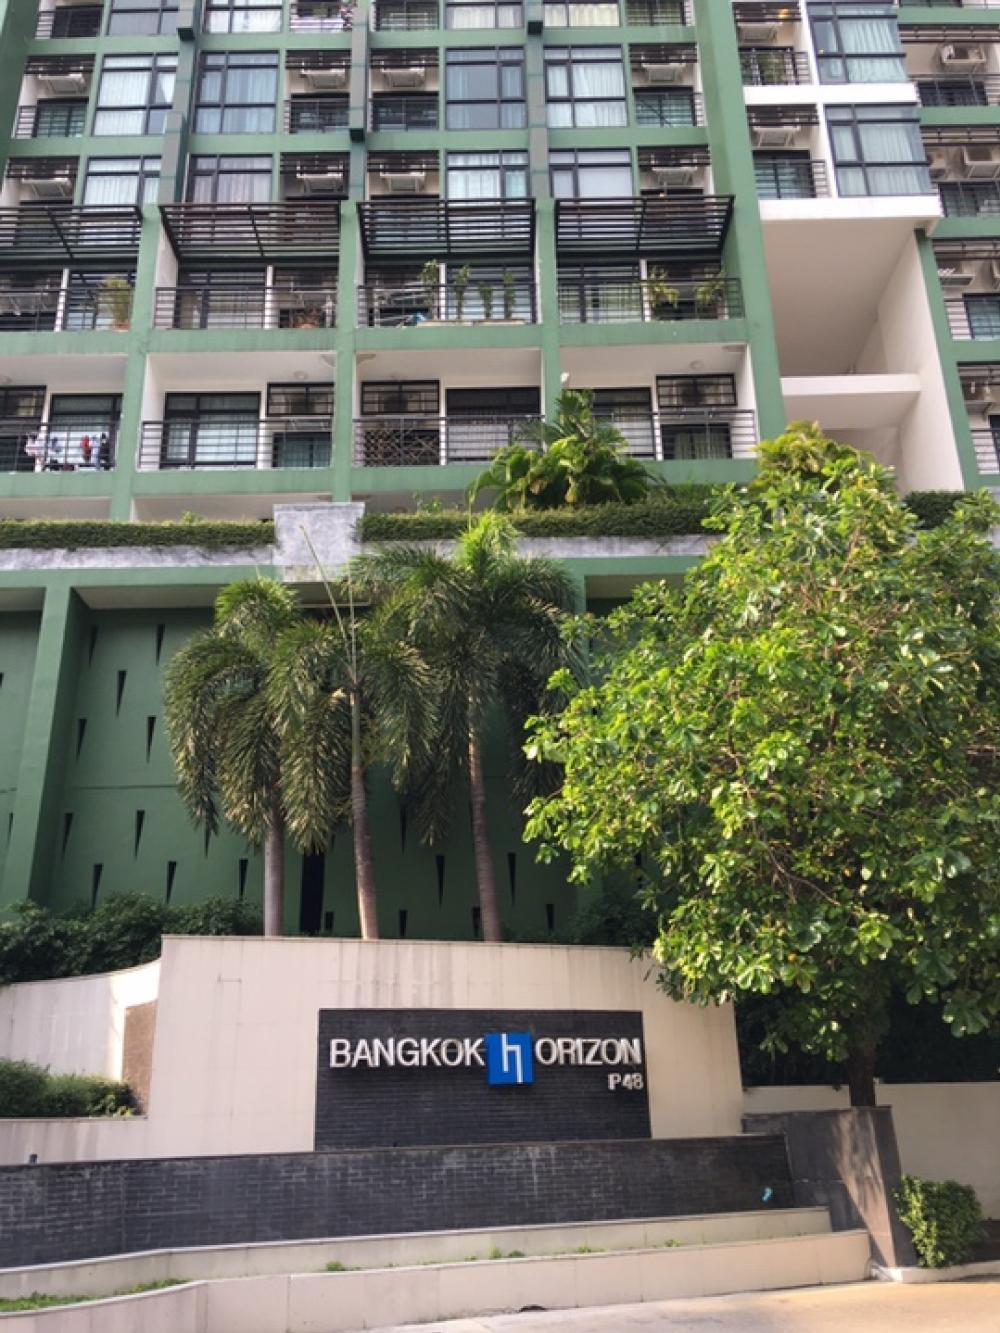 ขายคอนโดบางแค เพชรเกษม : Bangkok Horizon P48    ติด MRT สถานีเพชรเกษม48 และ ใกล้ BTS สถานีบางหว้าขนาด 53.24 ตรม.  2 ห้องนอน 1 ห้องน้ำ  ชั้น 11 ห้องมุม ขายเพียง 3.8 ล้านBuilt In เค้าเตอร์ครัว และเครื่องดูดควันแอร์ ตู้เย็น ไมรโครเวฟสถานที่สำคัญใกล้เคียง :– BTS บางหว้า และ  MRT สถา